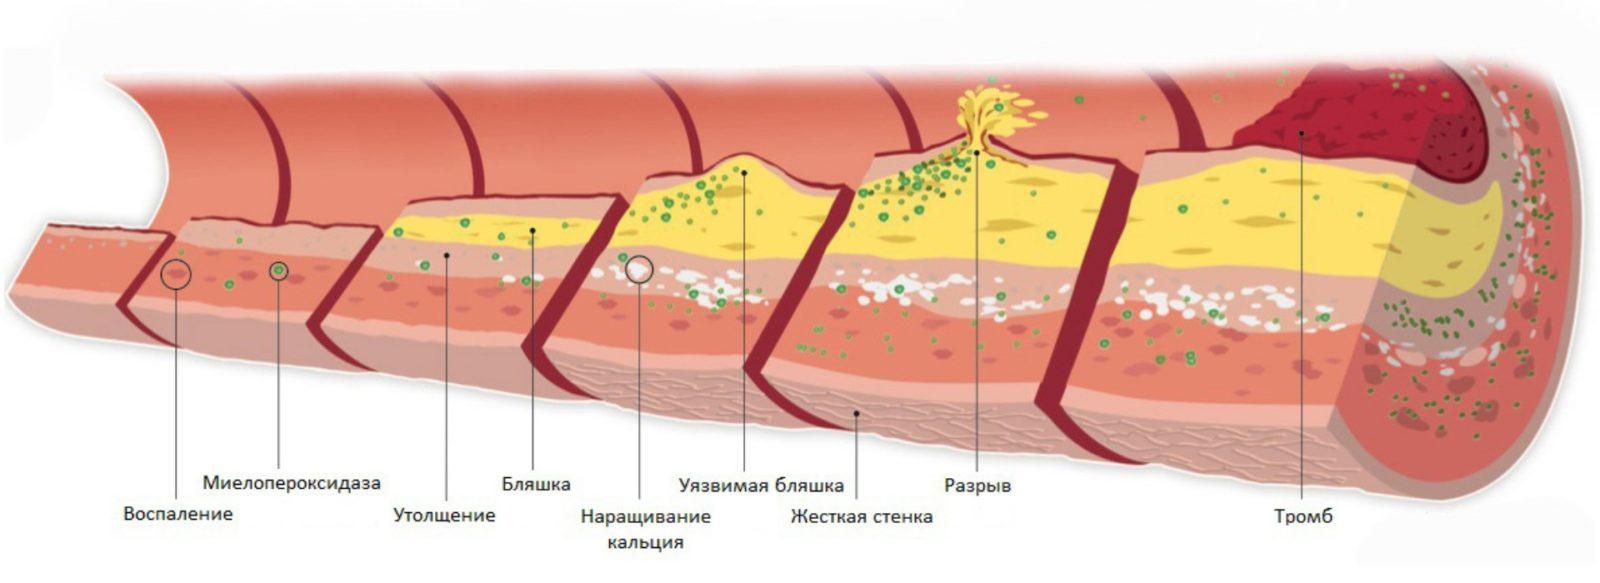 Склероз. Атеросклероз